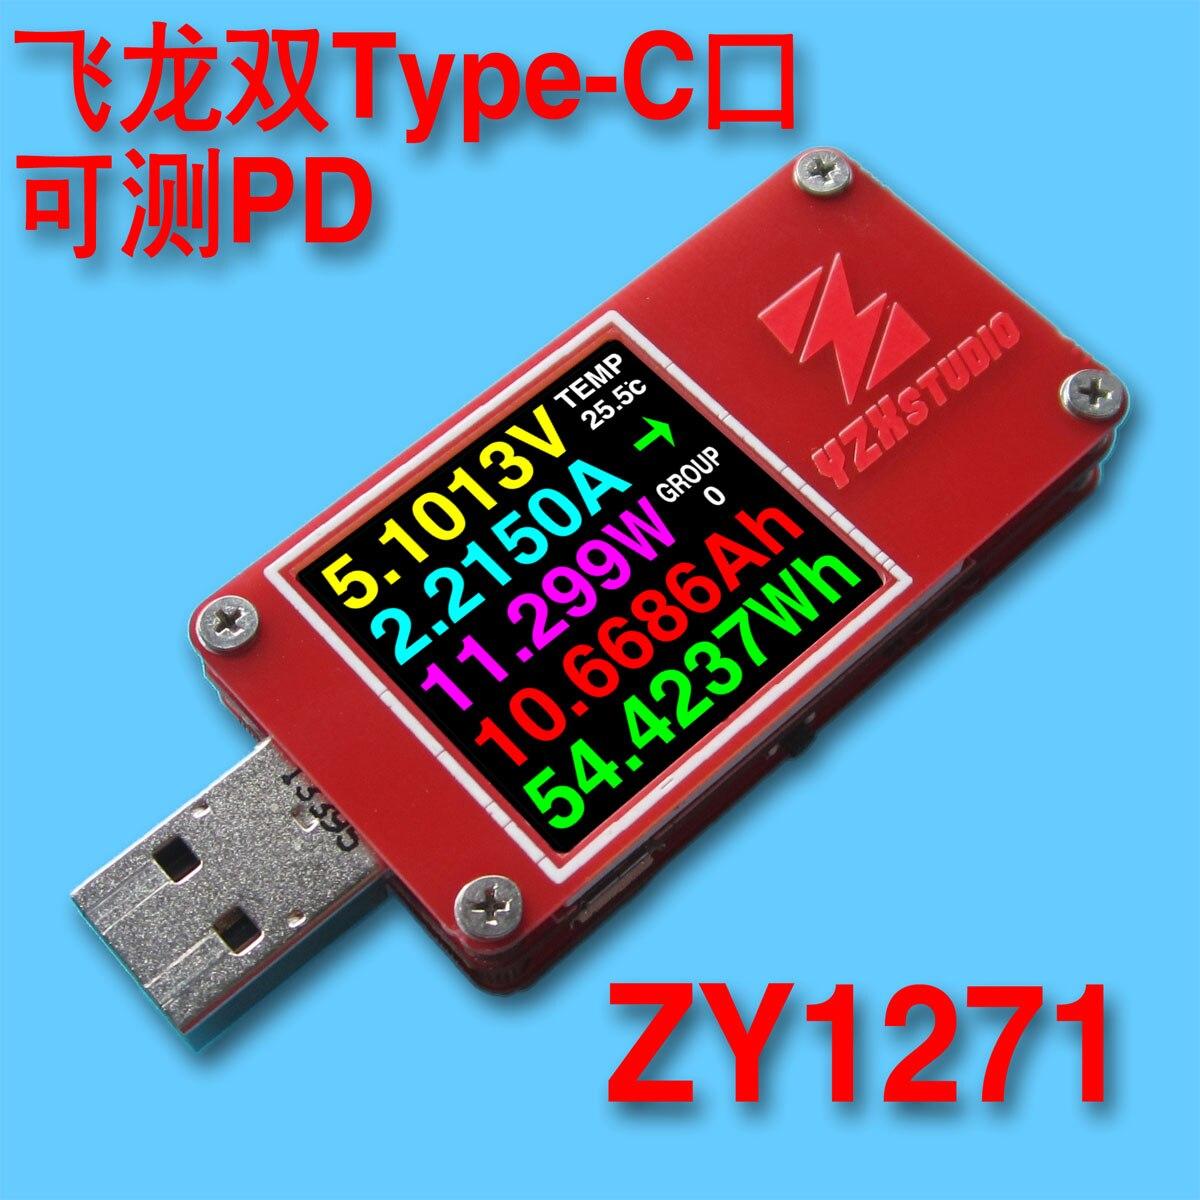 Corriente y voltaje Capacidad carga rápida QC4.0 PD3.0 PPS ...